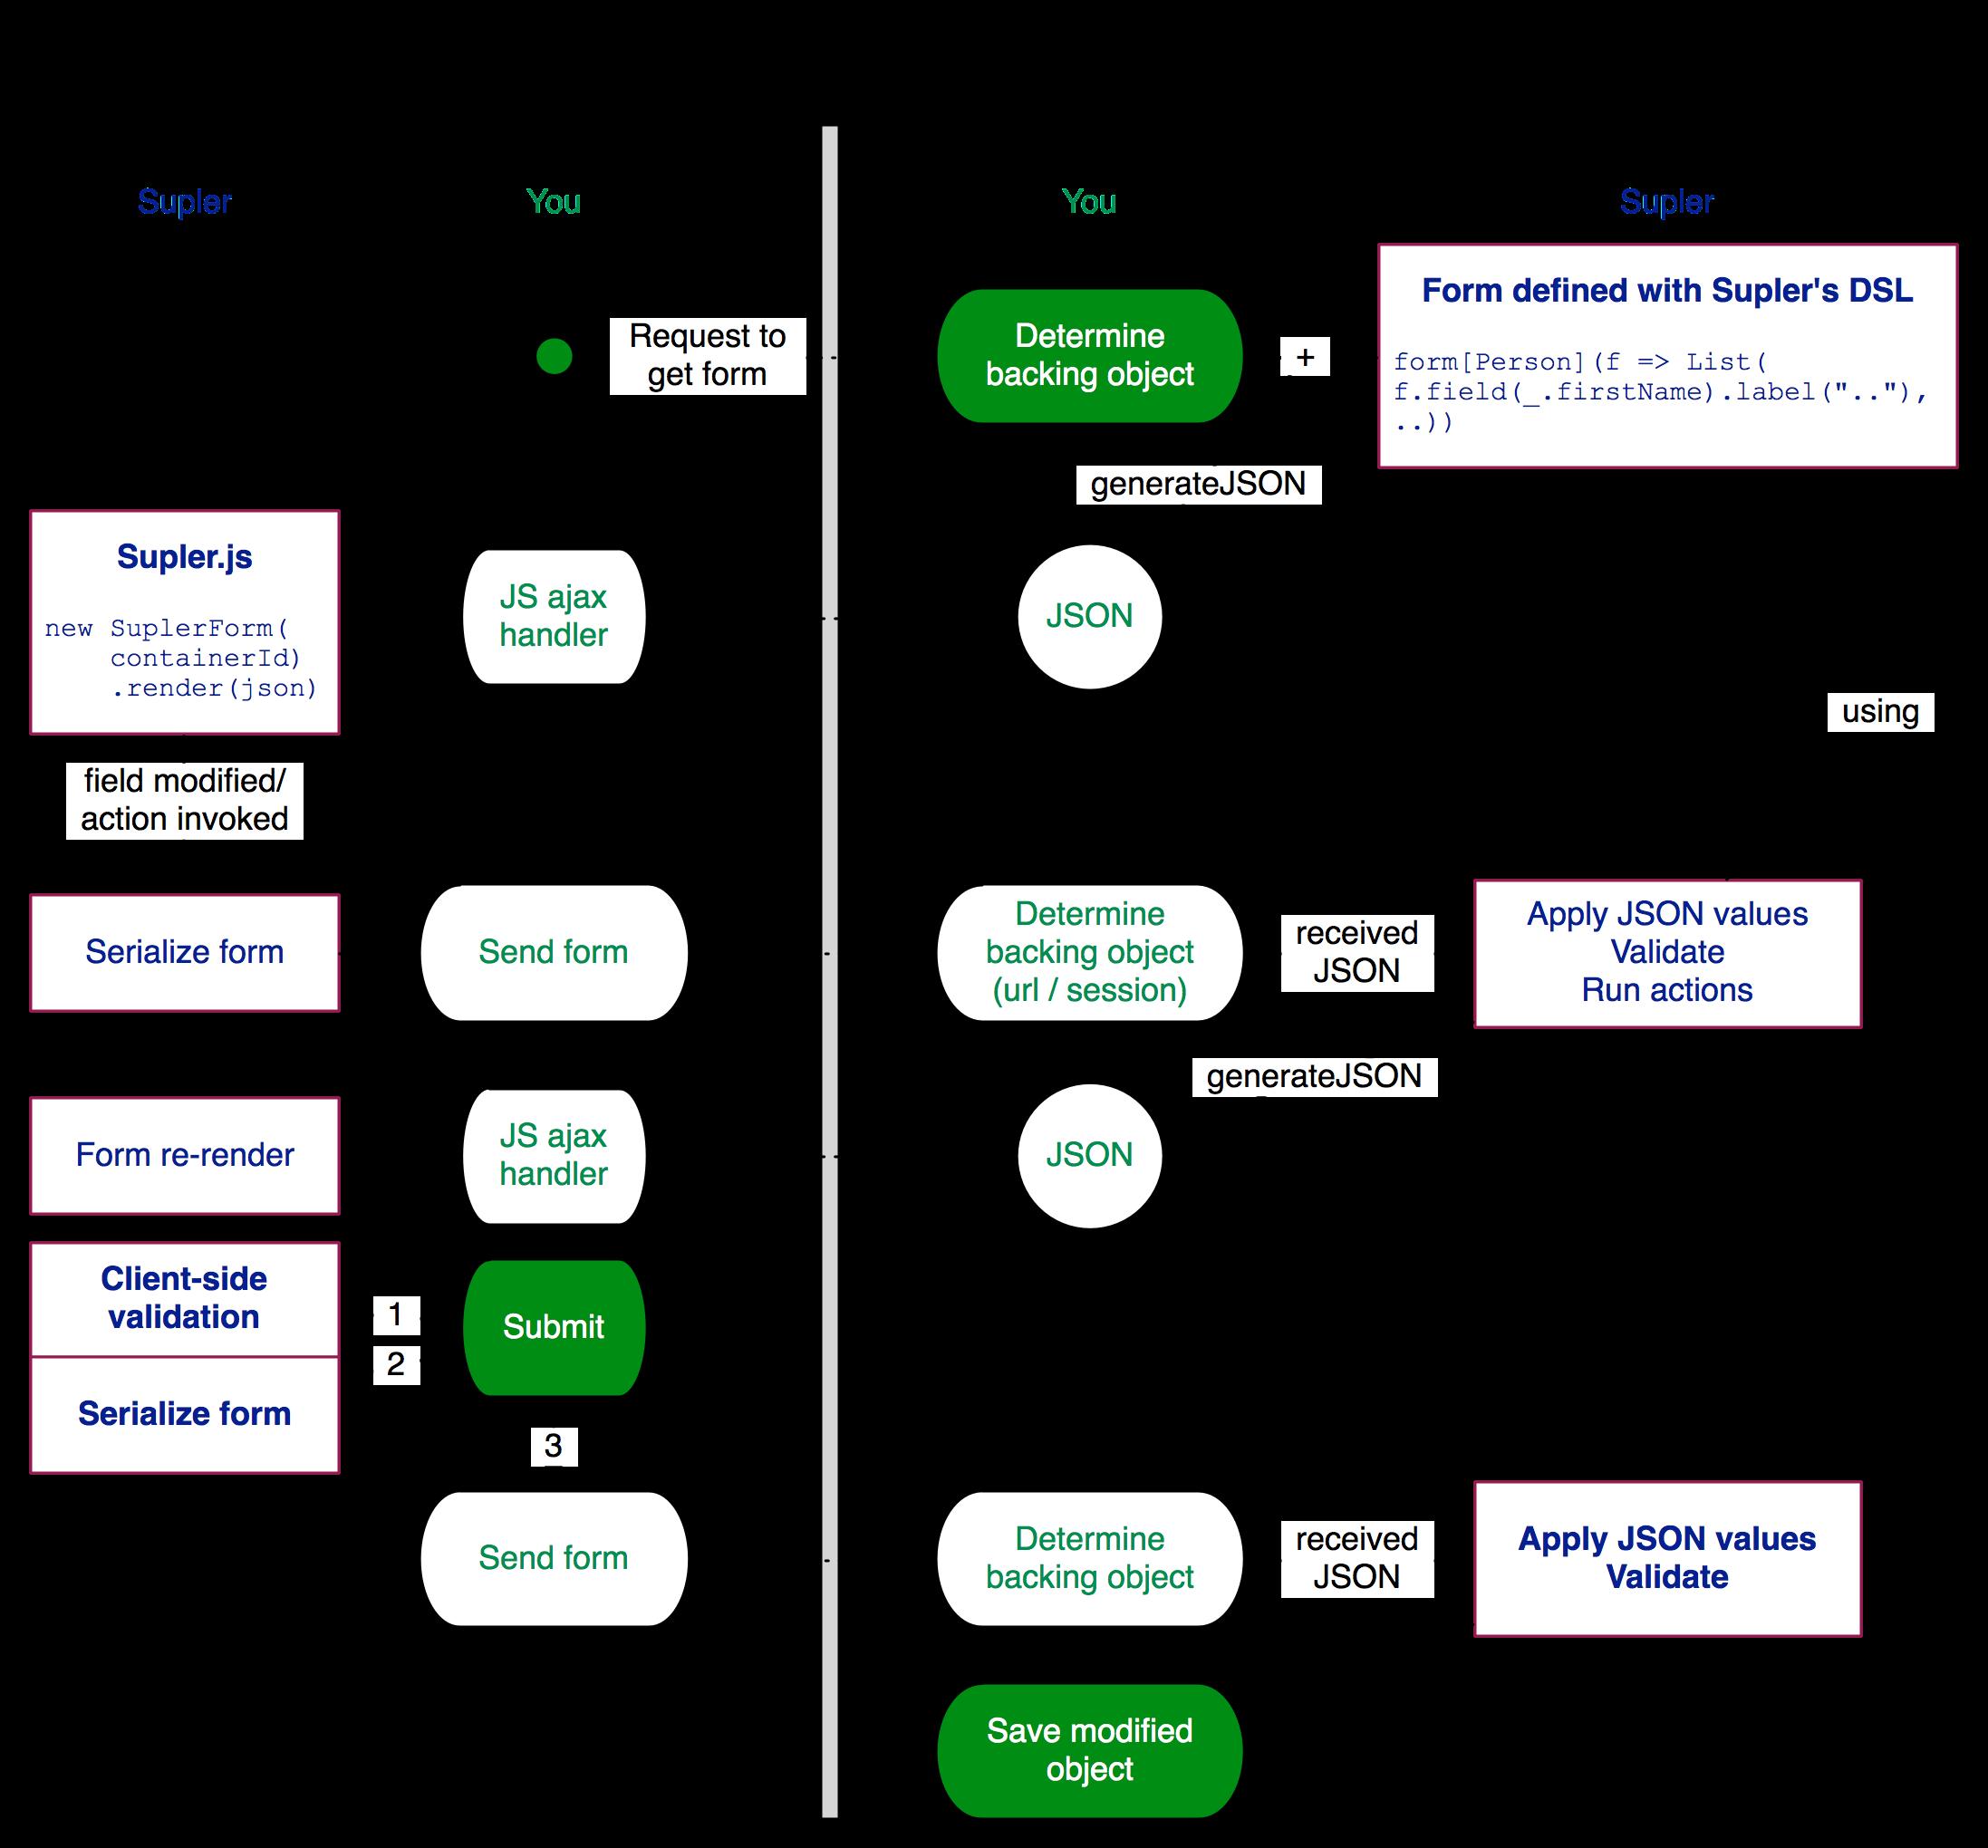 Supler diagram